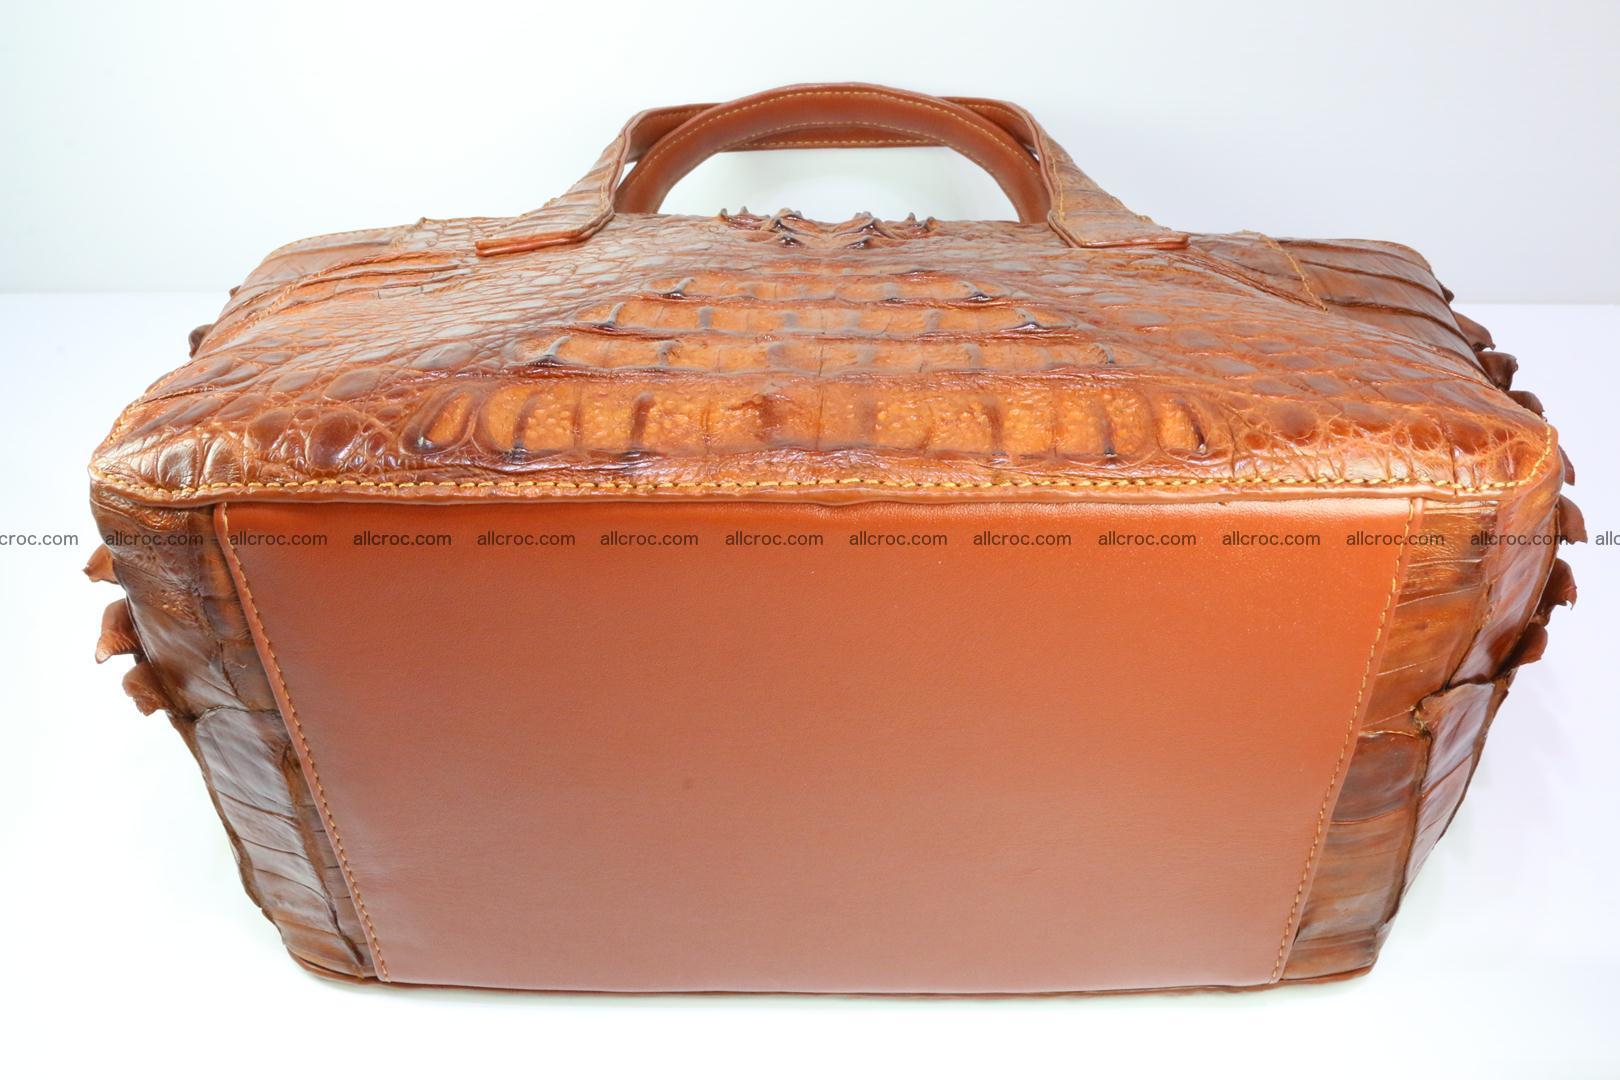 Genuine crocodile women's handbag 053 Foto 11